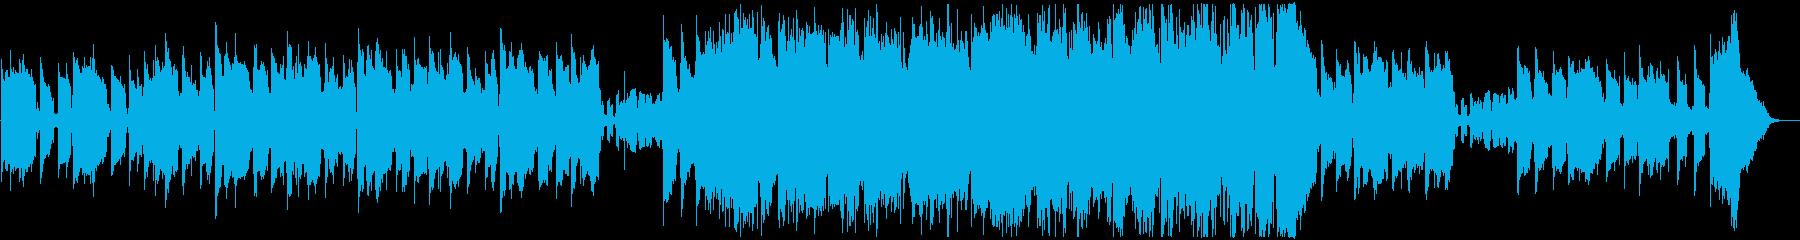 ゆったりしたテクノ風ジャズの再生済みの波形